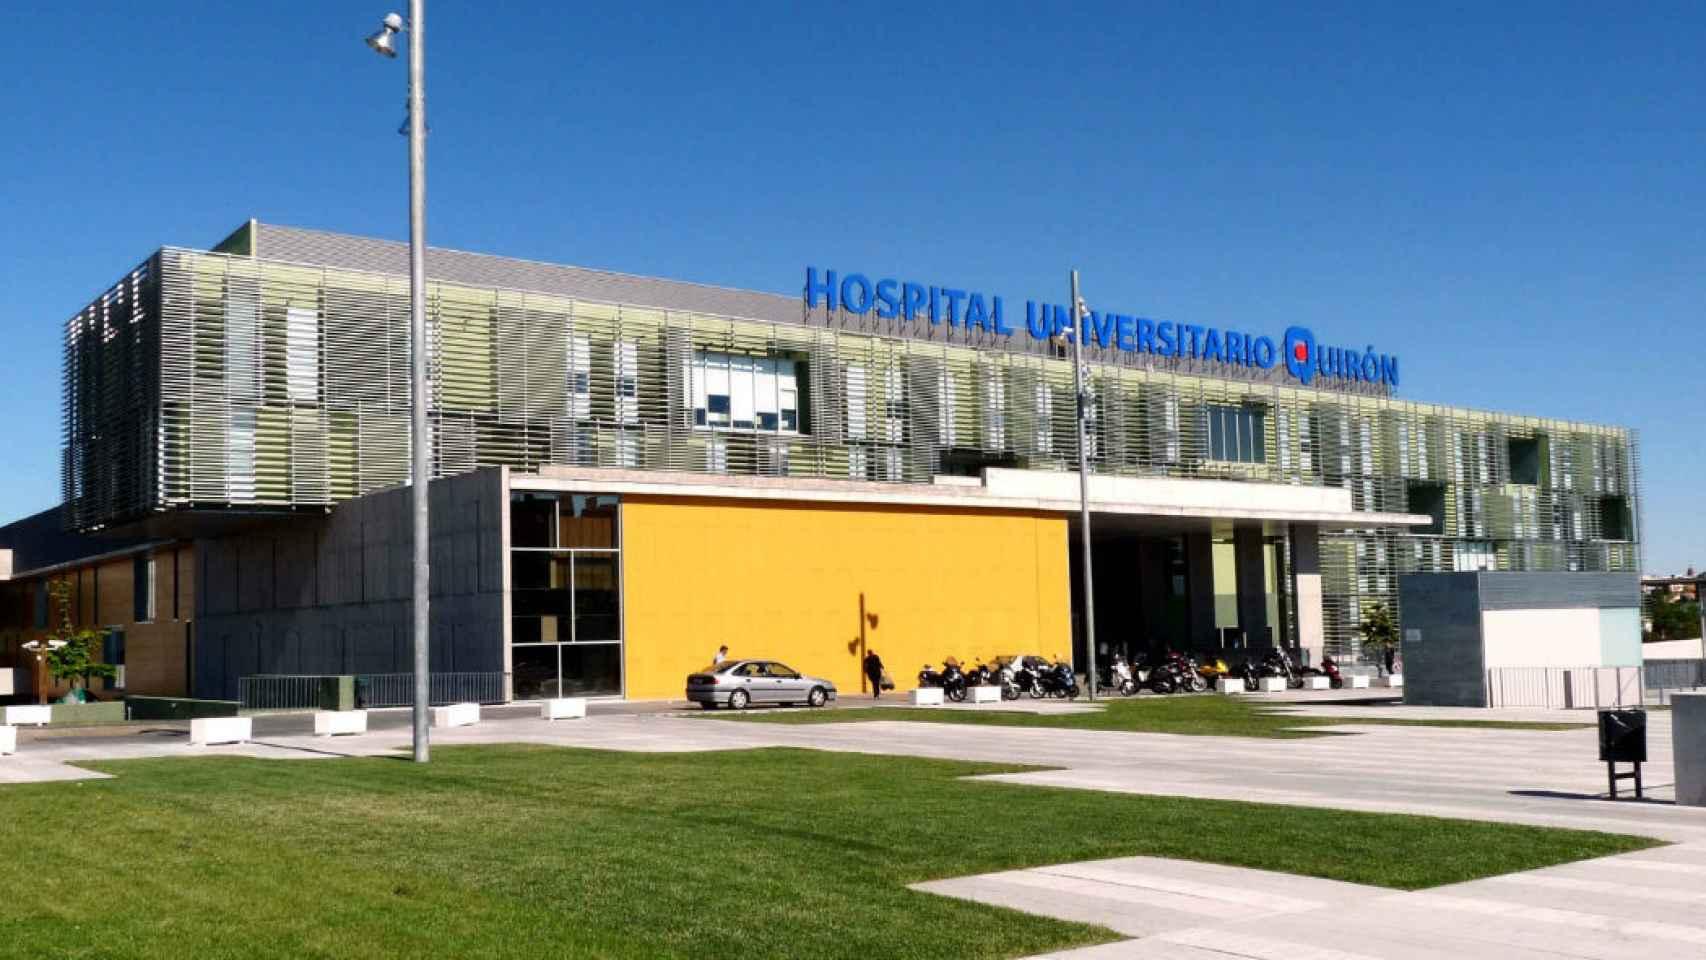 Hospital universitario Quirónsalud de Madrid.